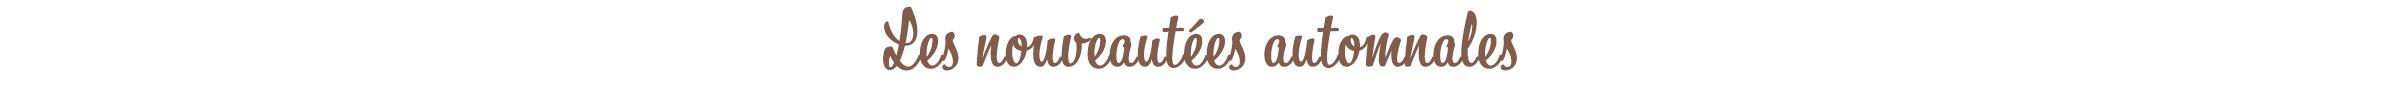 Wording-nouveautés